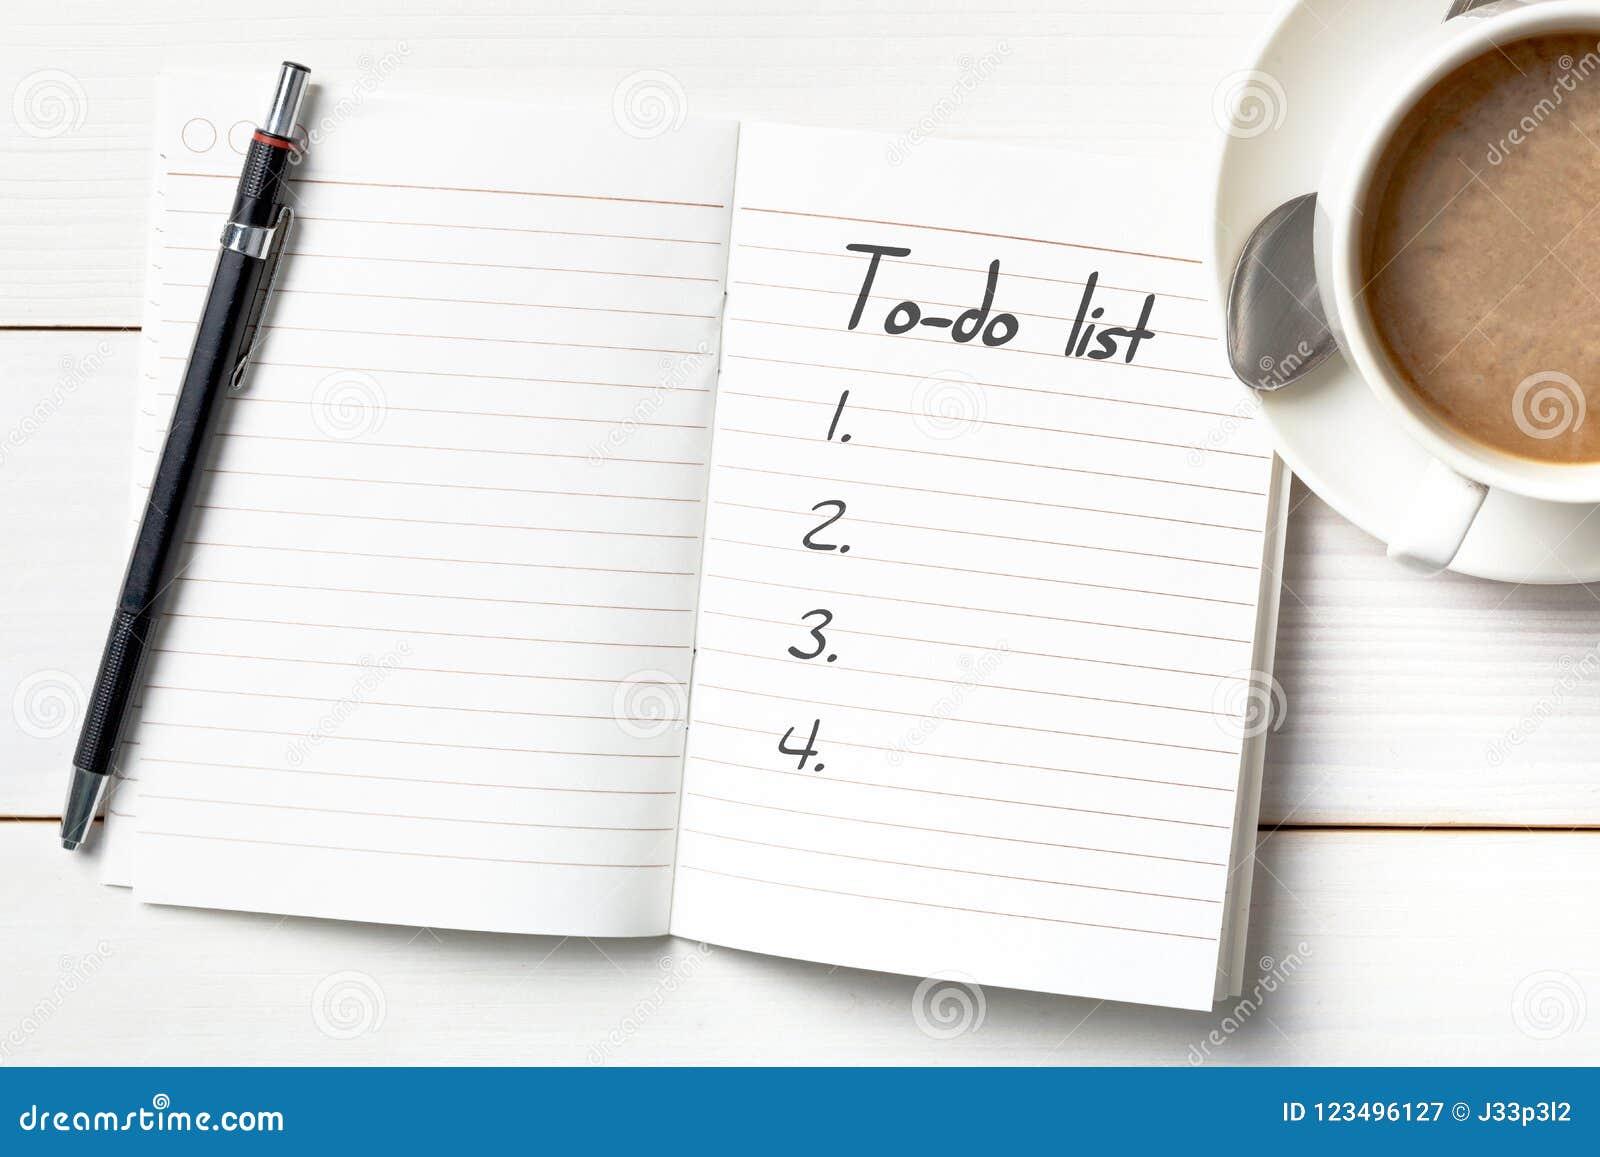 Organizador personal con a para hacer la lista